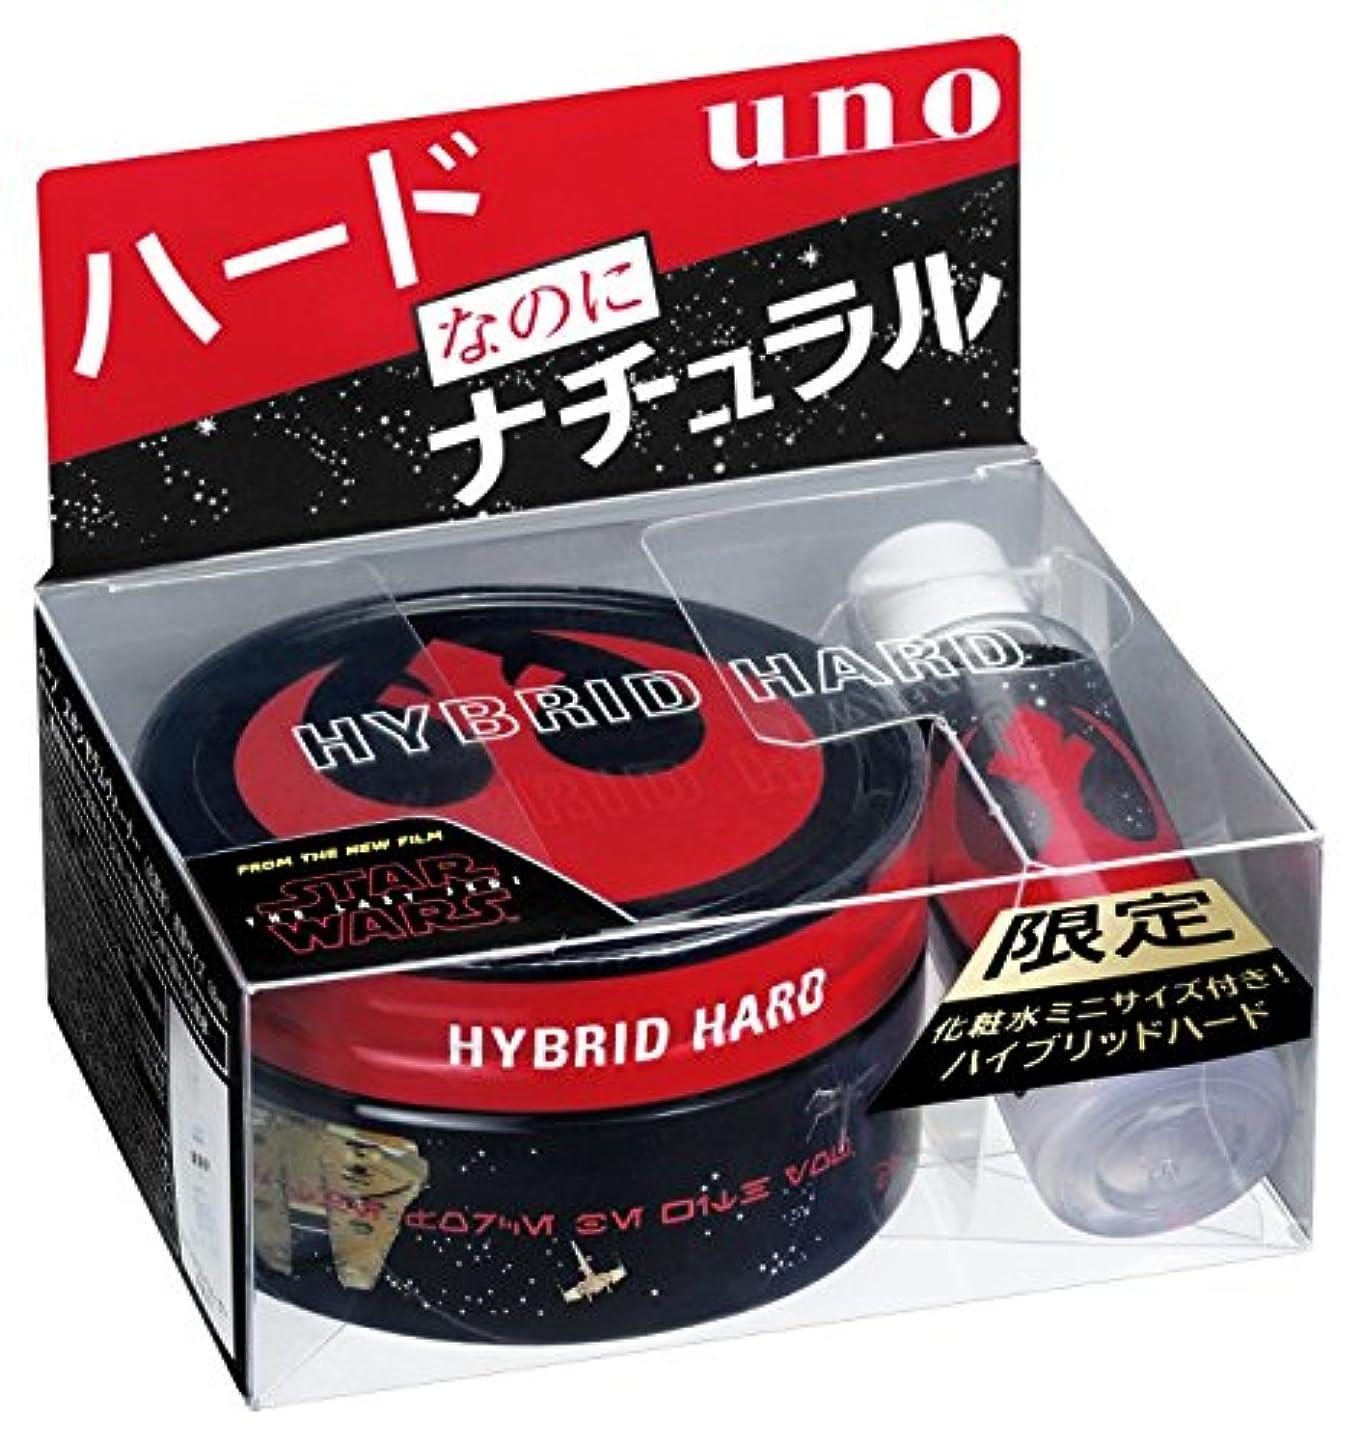 説明するいくつかの行き当たりばったりuno(ウーノ) ウーノ ハイブリッドハード ワックス 80g スキンセラムウォーターミニボトル付(スターウォーズEp8)